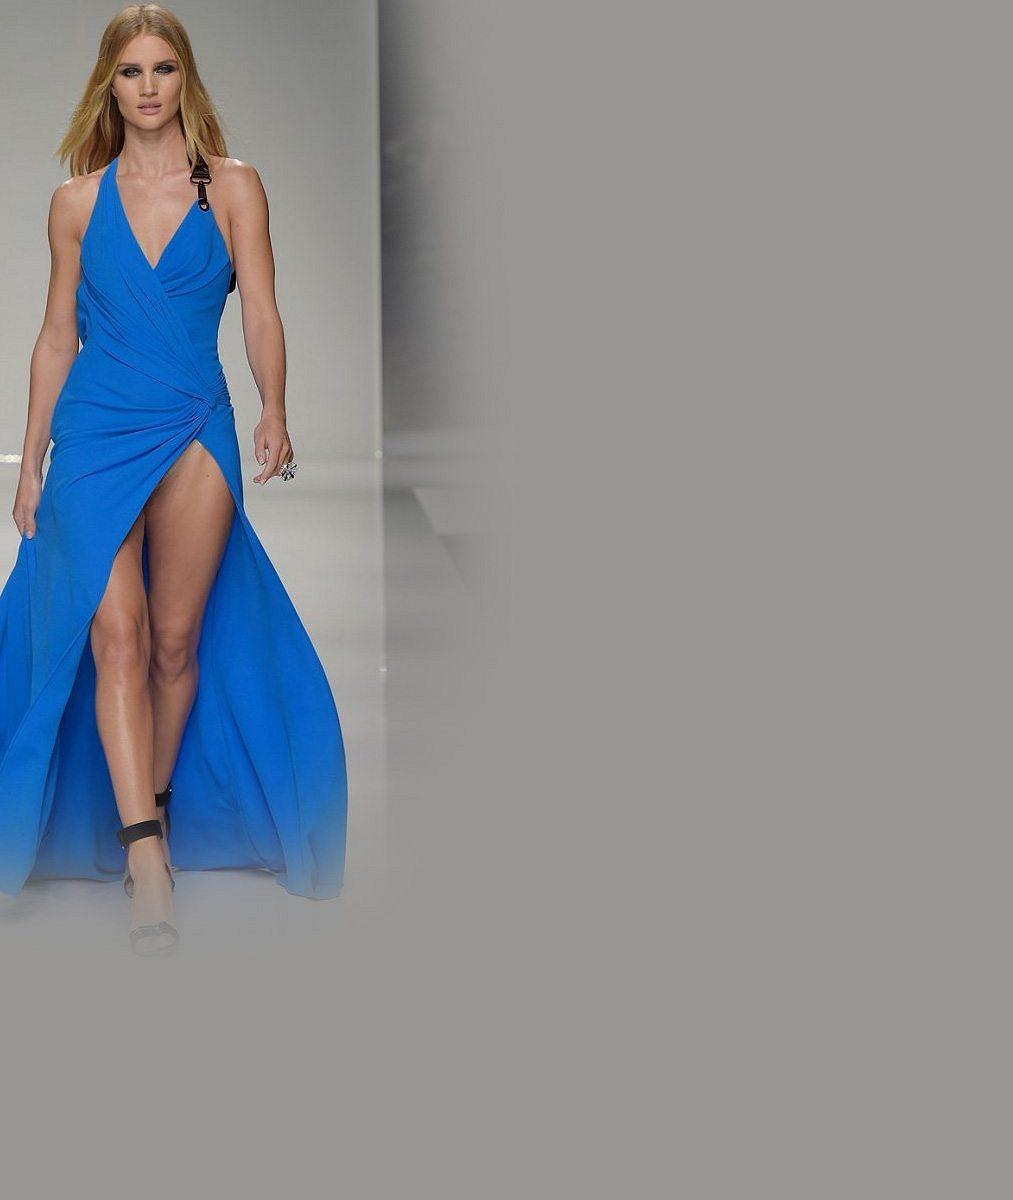 Známá modelka zazářila na přehlídce v šatech s odvážným rozparkem: Kromě sexy stehýnek ukázala i dvoje kalhotky